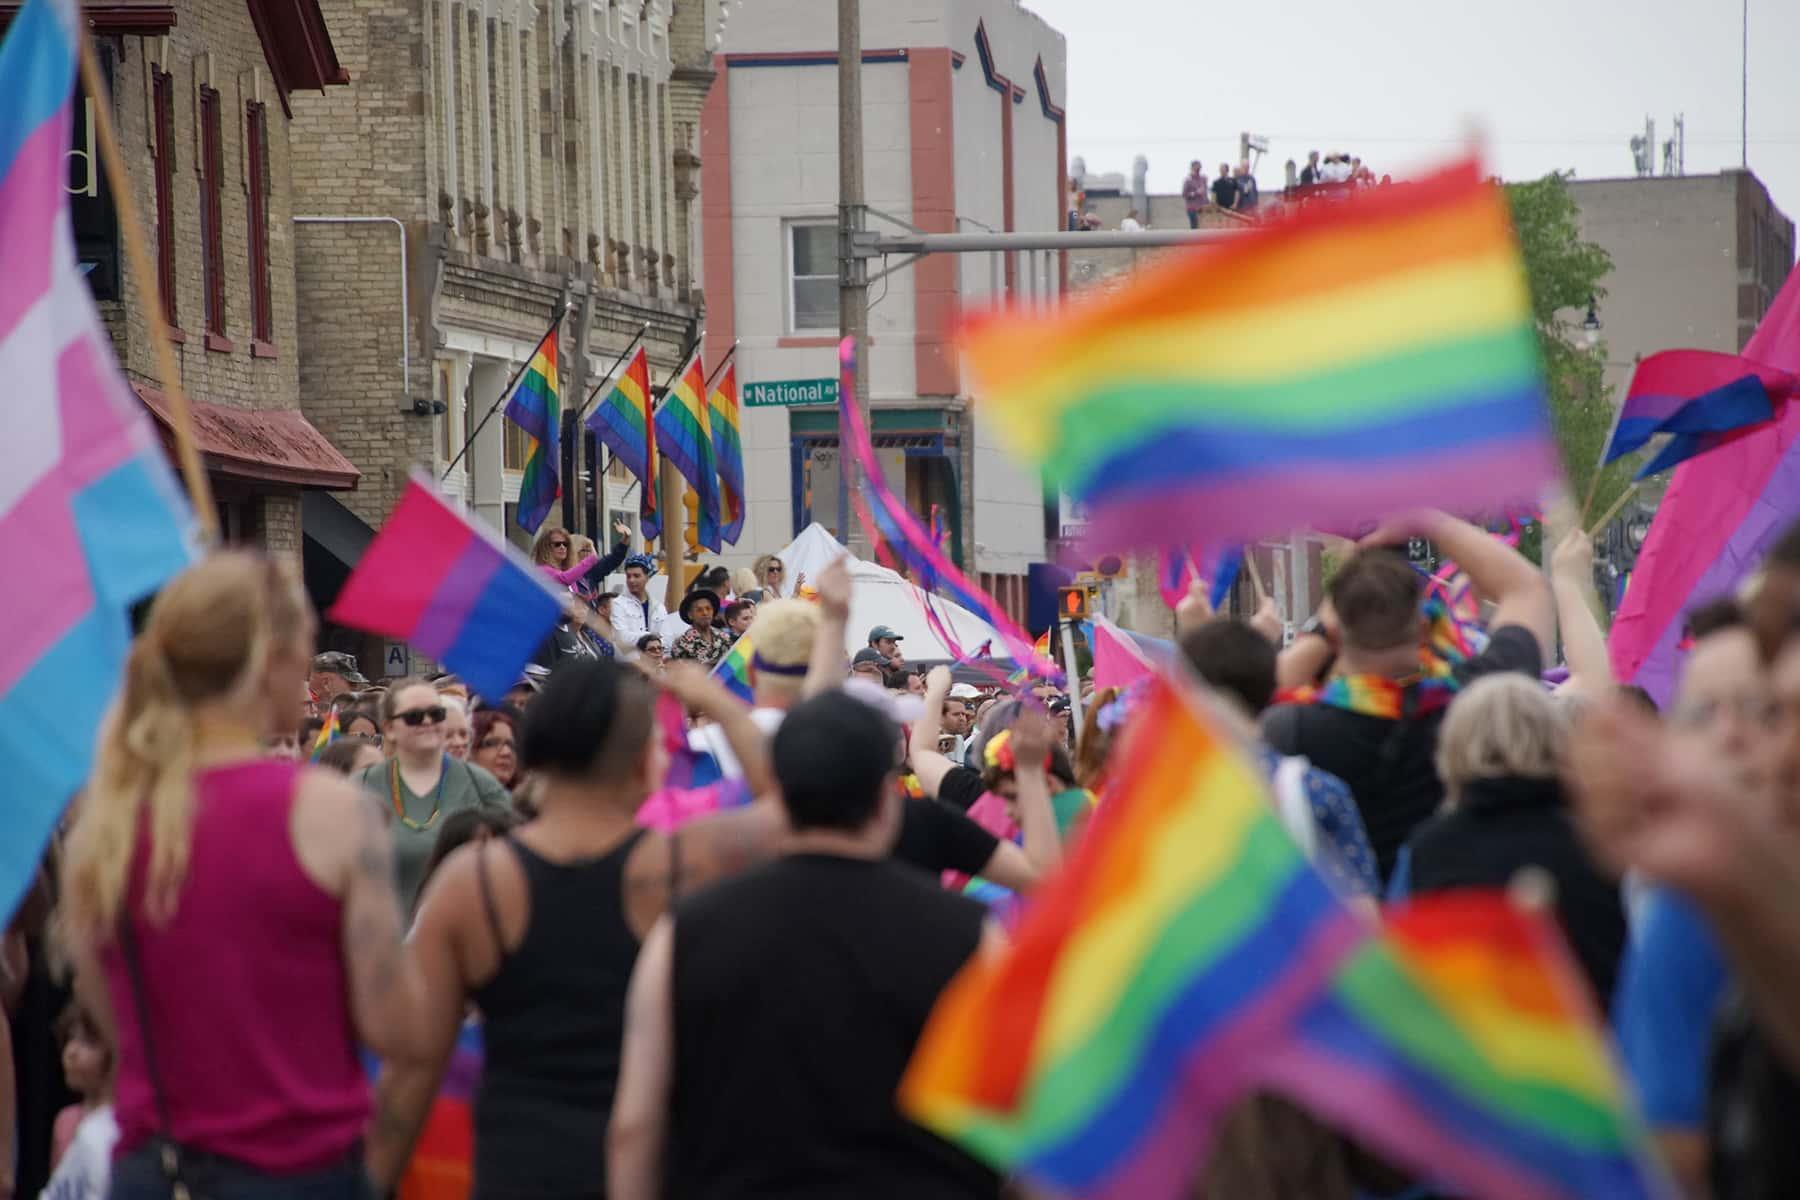 07_060919_pride2019parade_2454